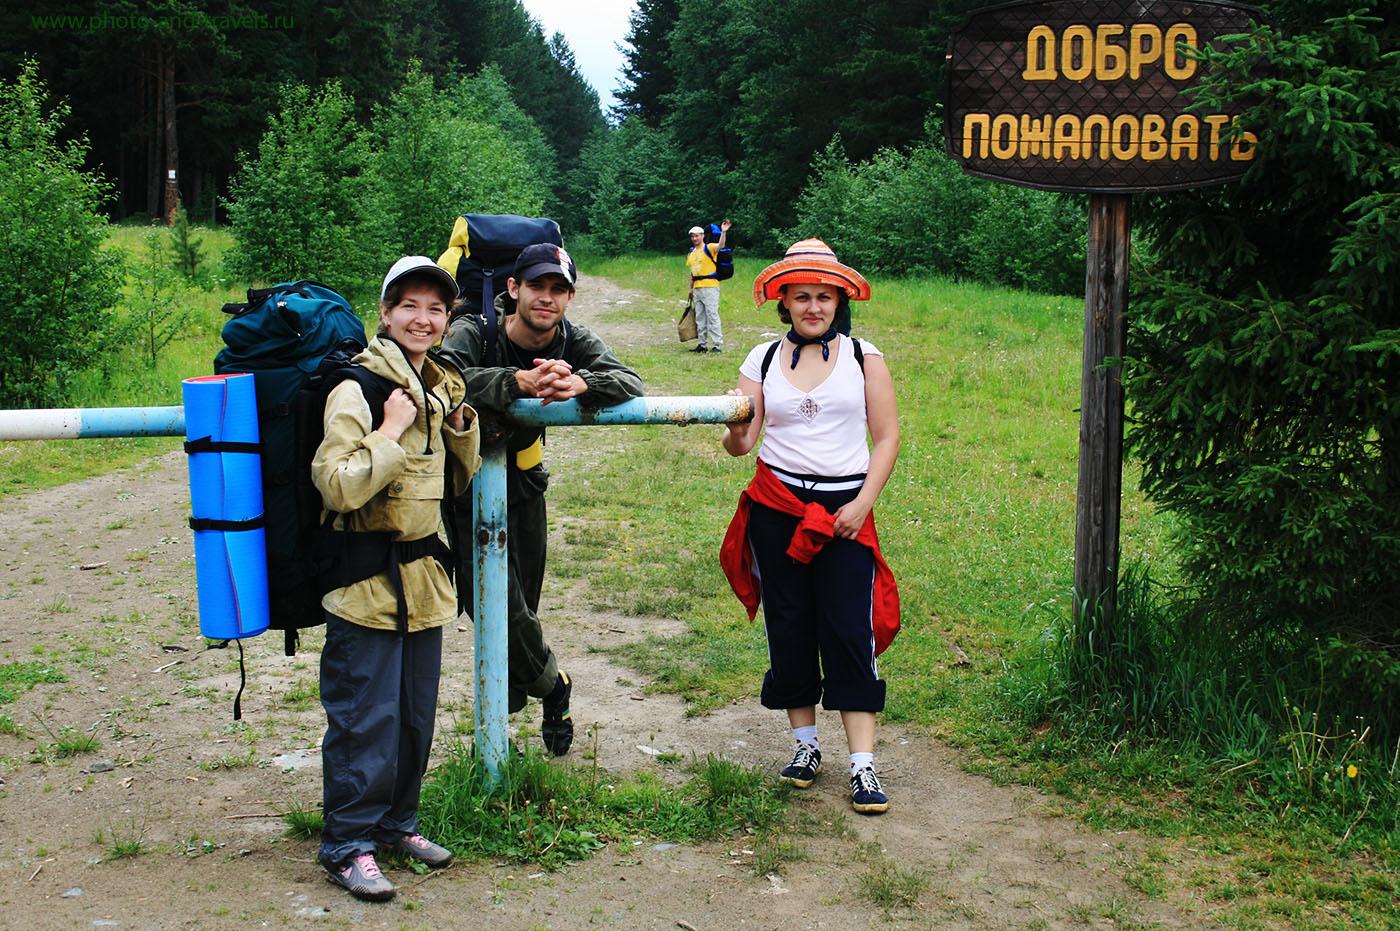 3. Национальный парк Таганай. В двухдневный поход по горам Южного Урала придется тащить намного больше груза, чем в Оленьи ручьи.